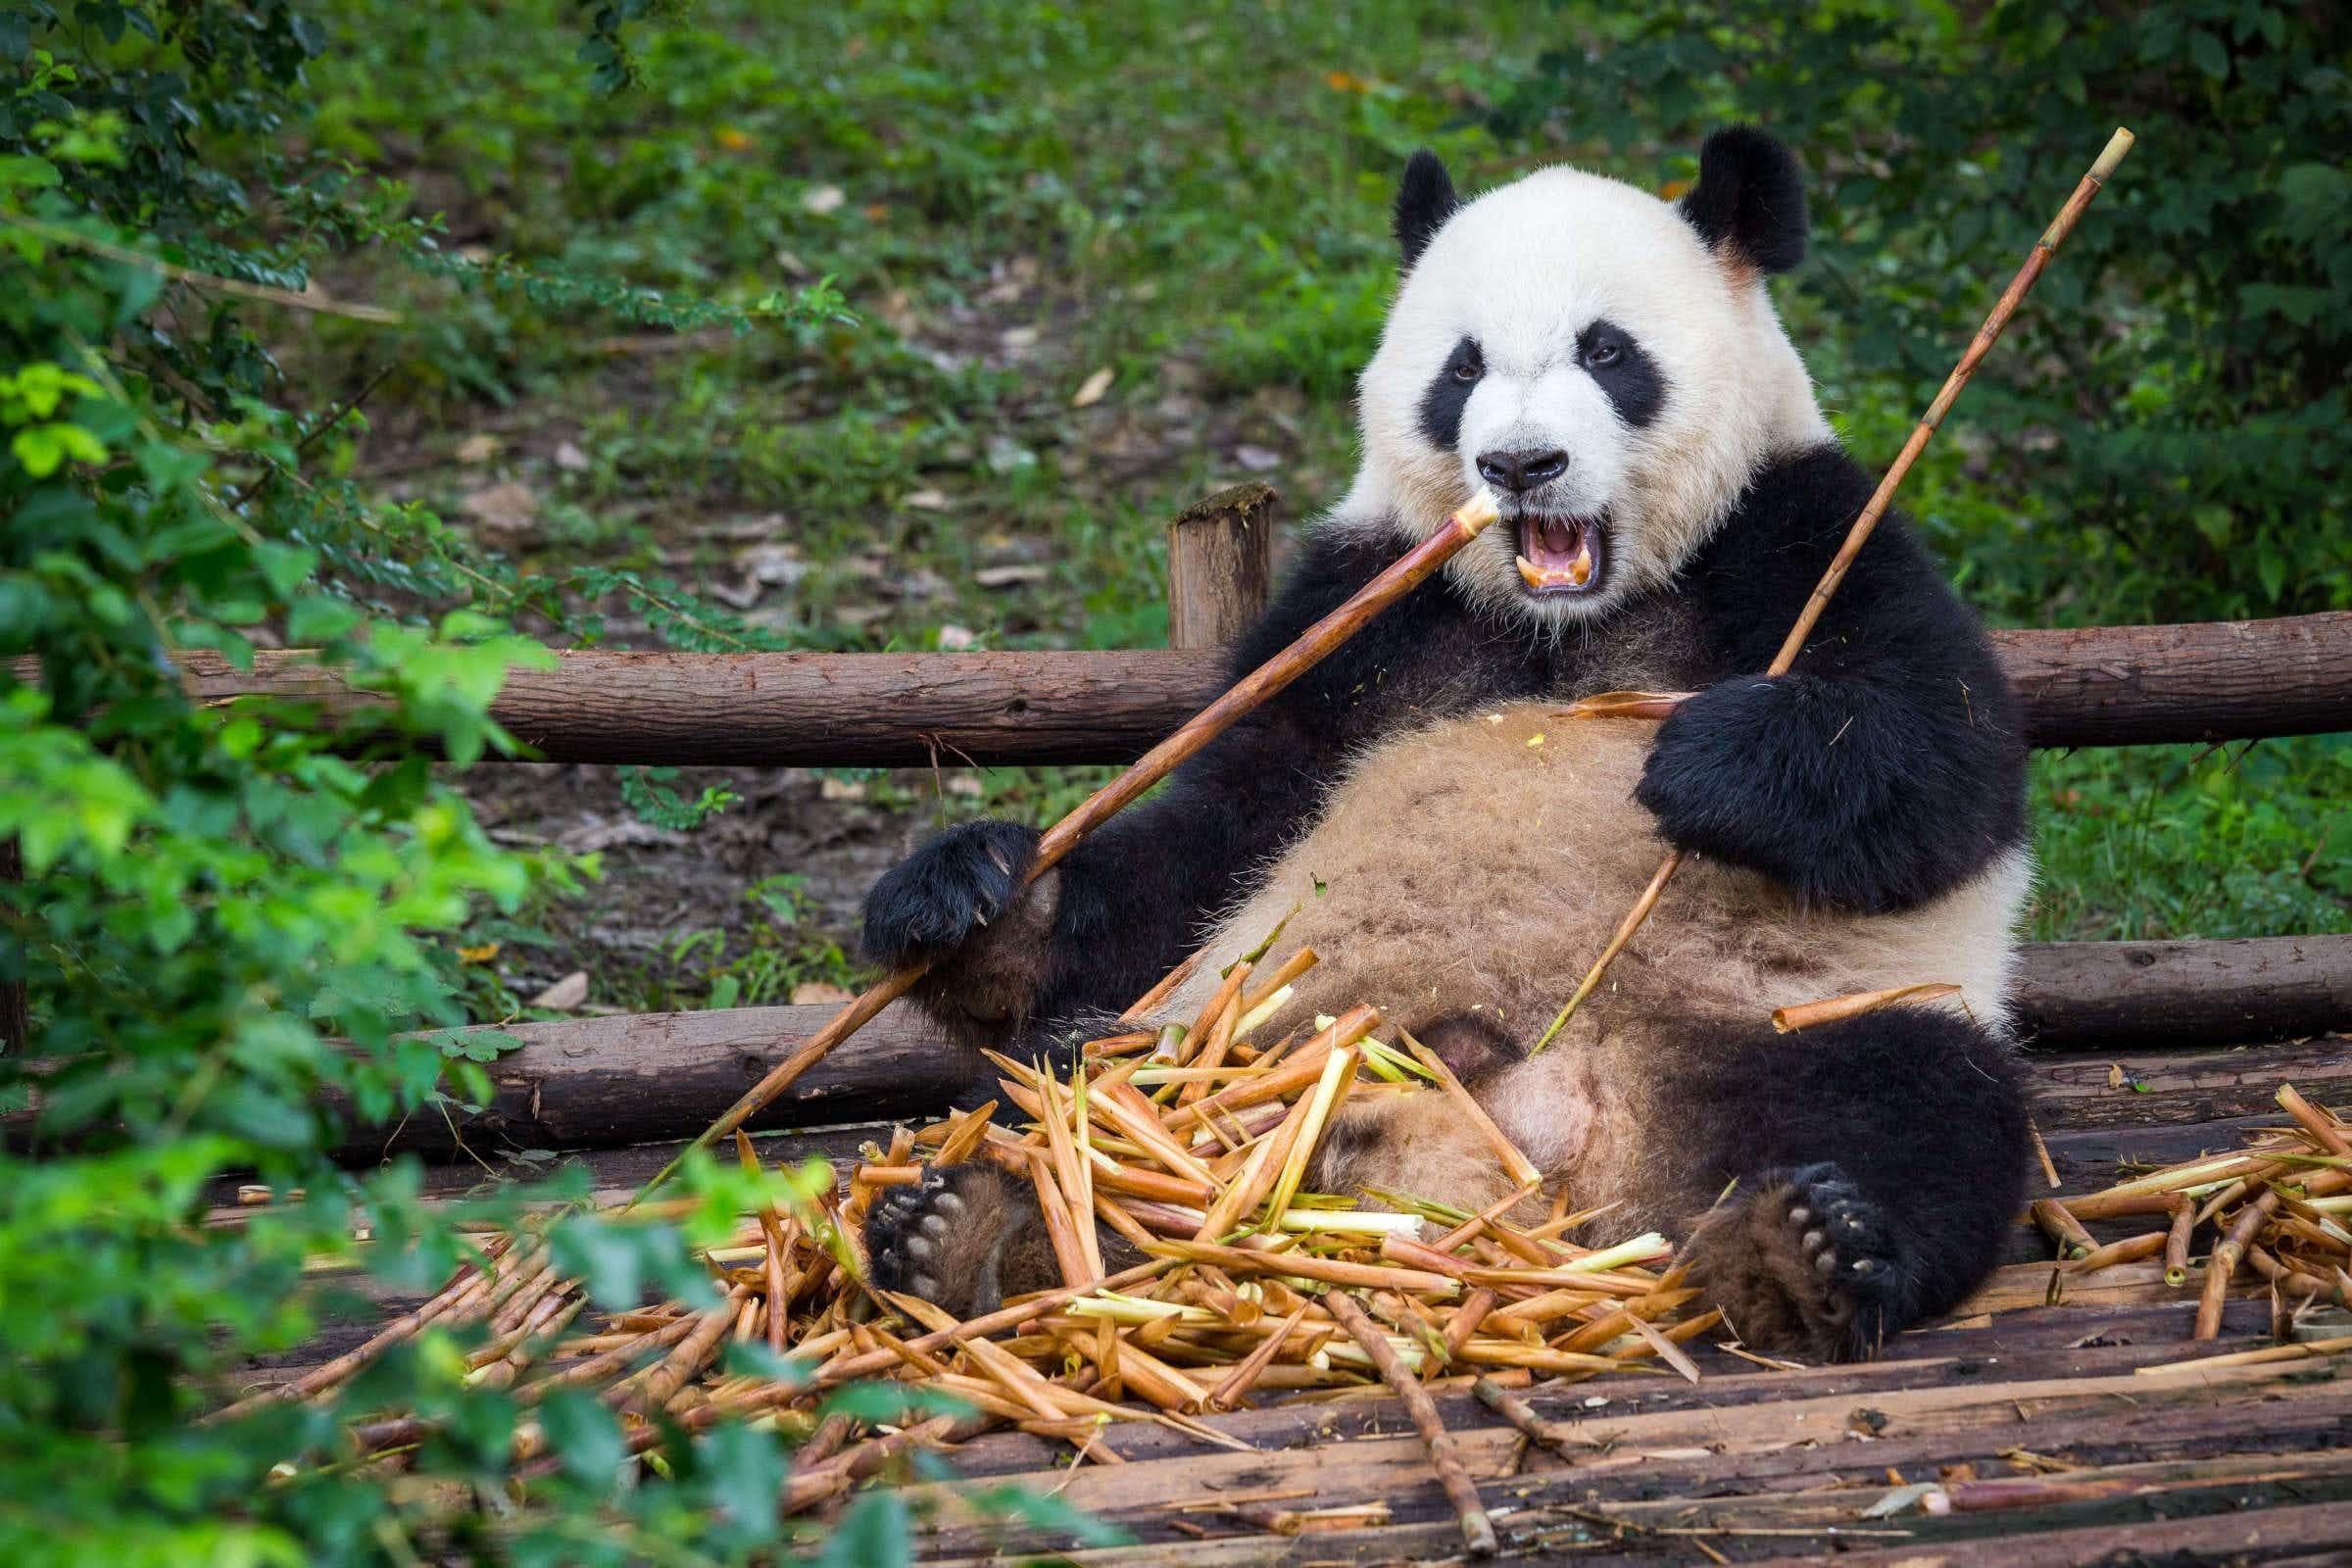 A panda in Chengdu © kiszon pascal / Getty Images